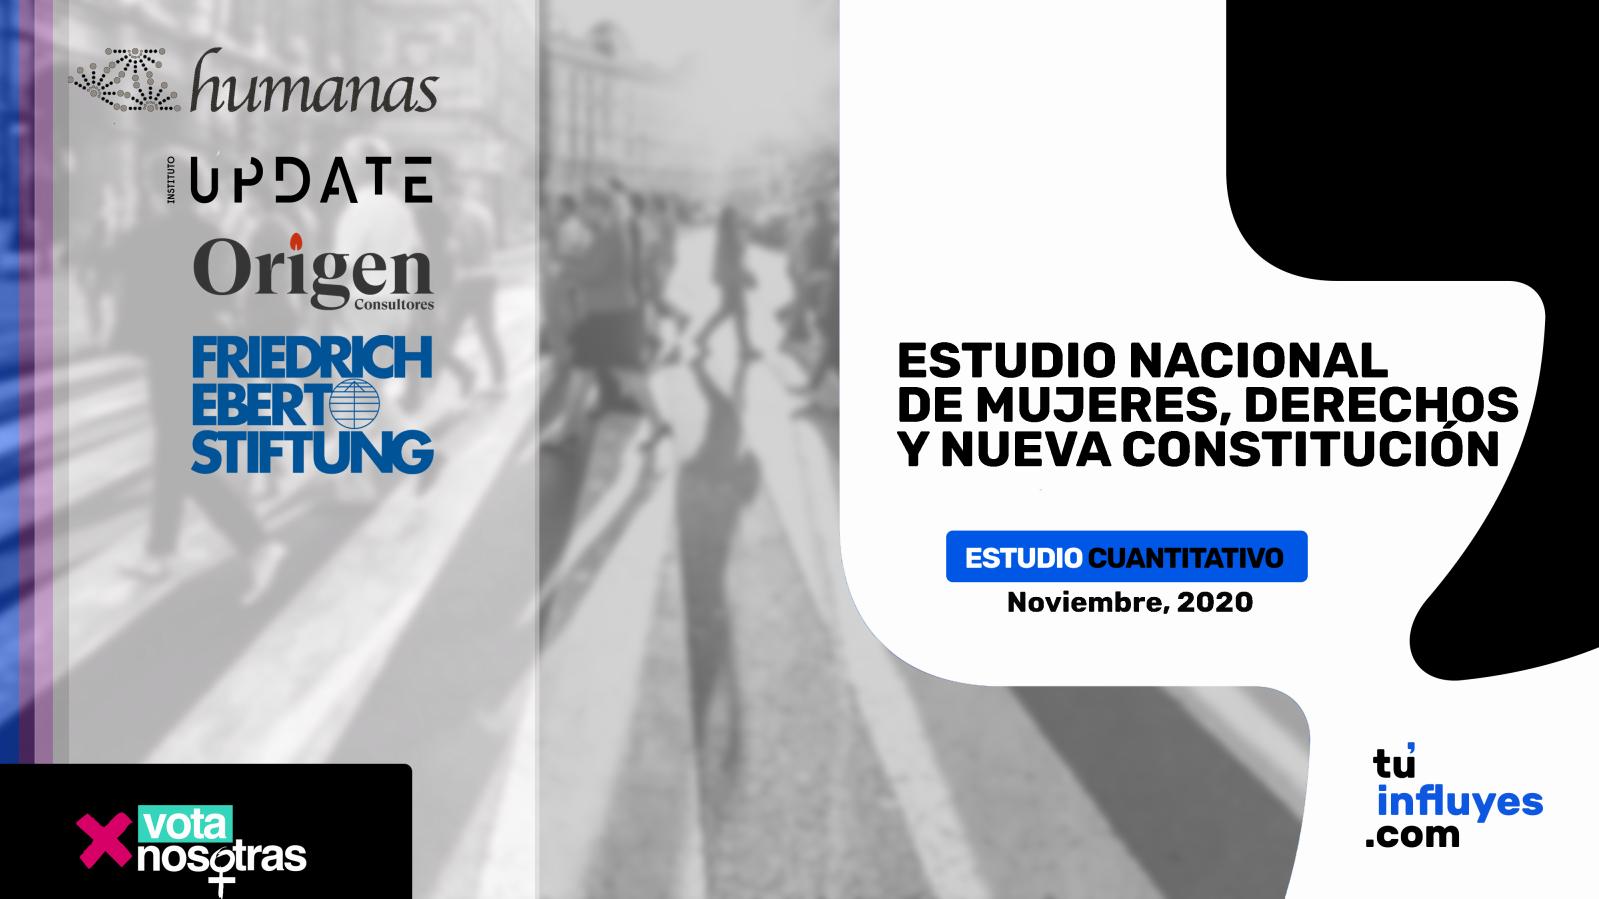 Estudio Nacional de mujeres, derechos y Nueva Constitución, noviembre 2020